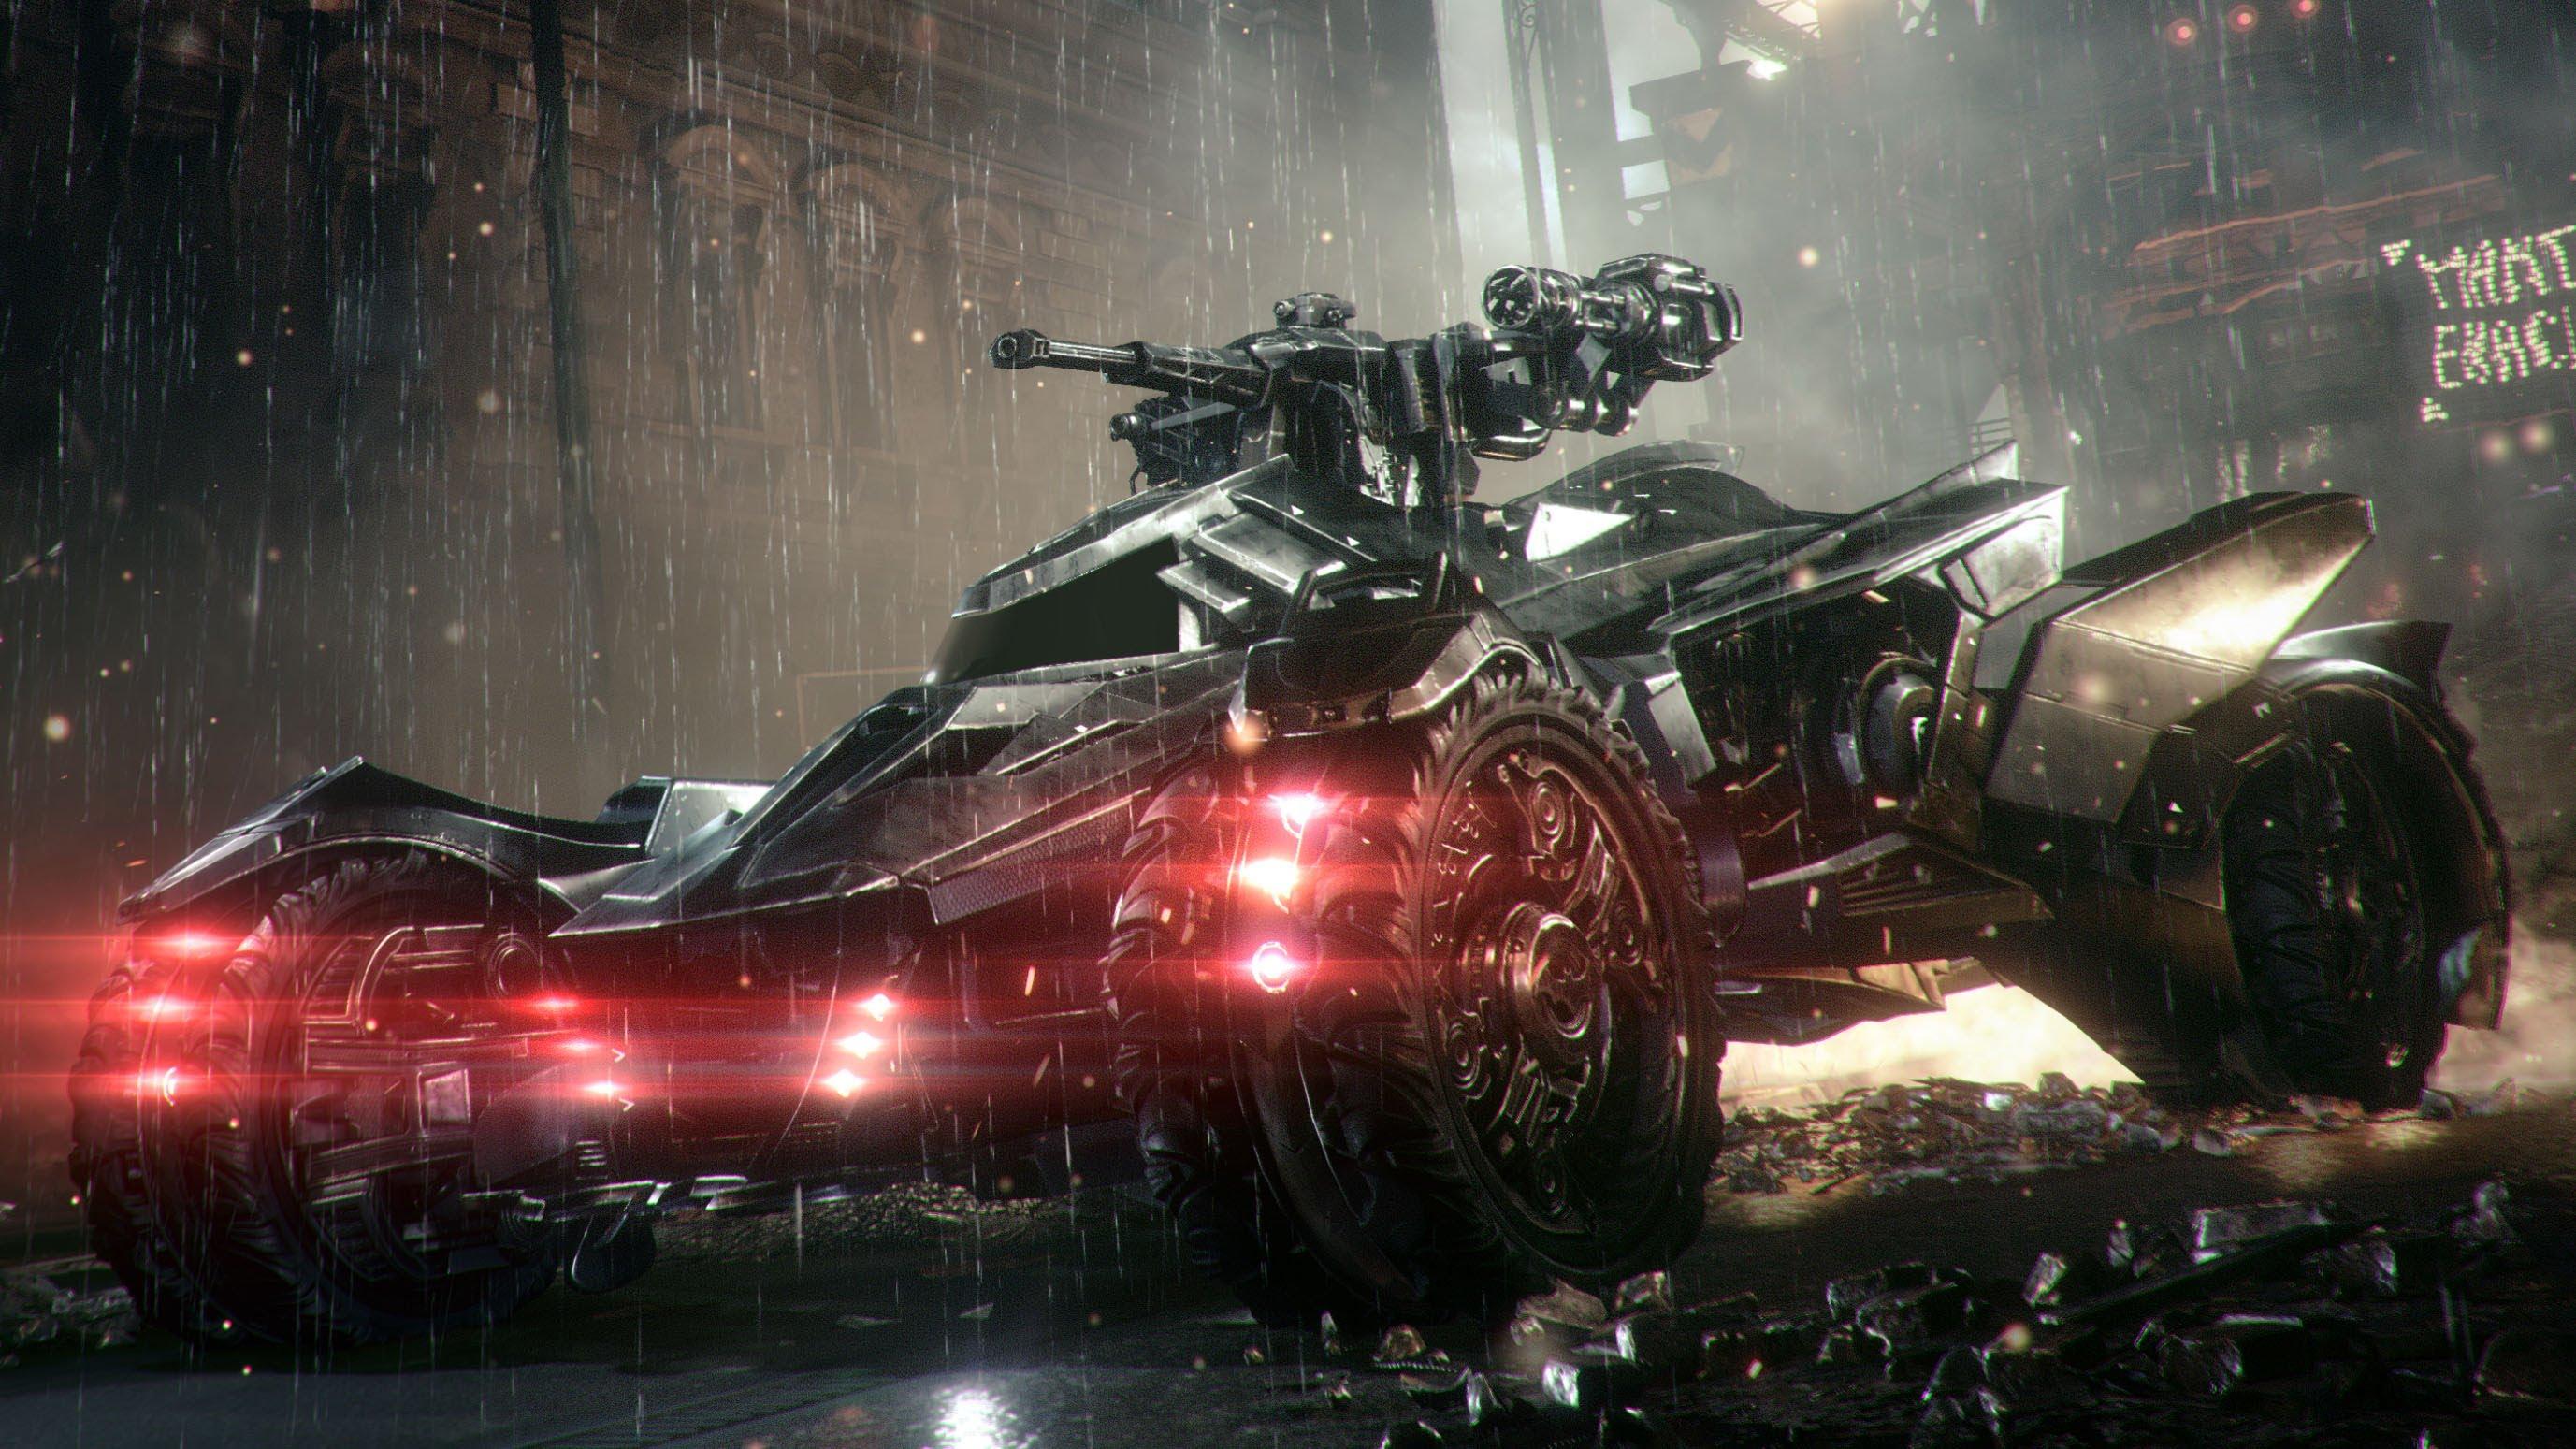 BATMAN: ARKHAM KNIGHT — Batmobile's Pursuit and Battle ...